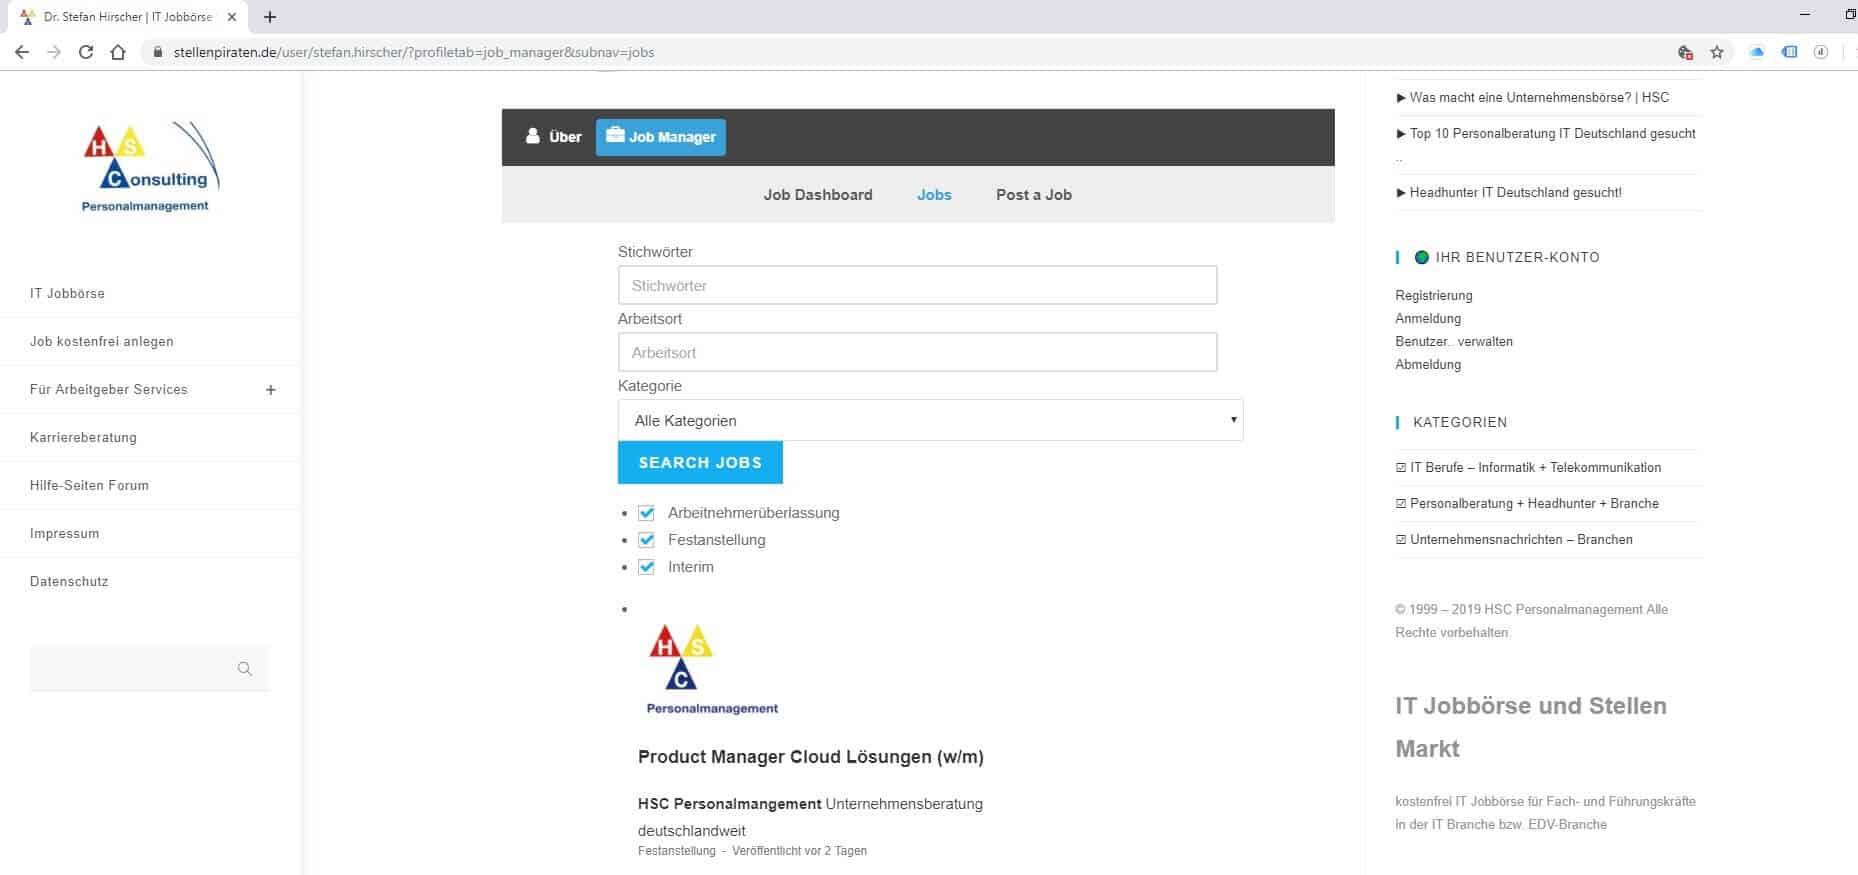 Jobbörse- hier im Job Board können Sie Ihren Account als User verwalten